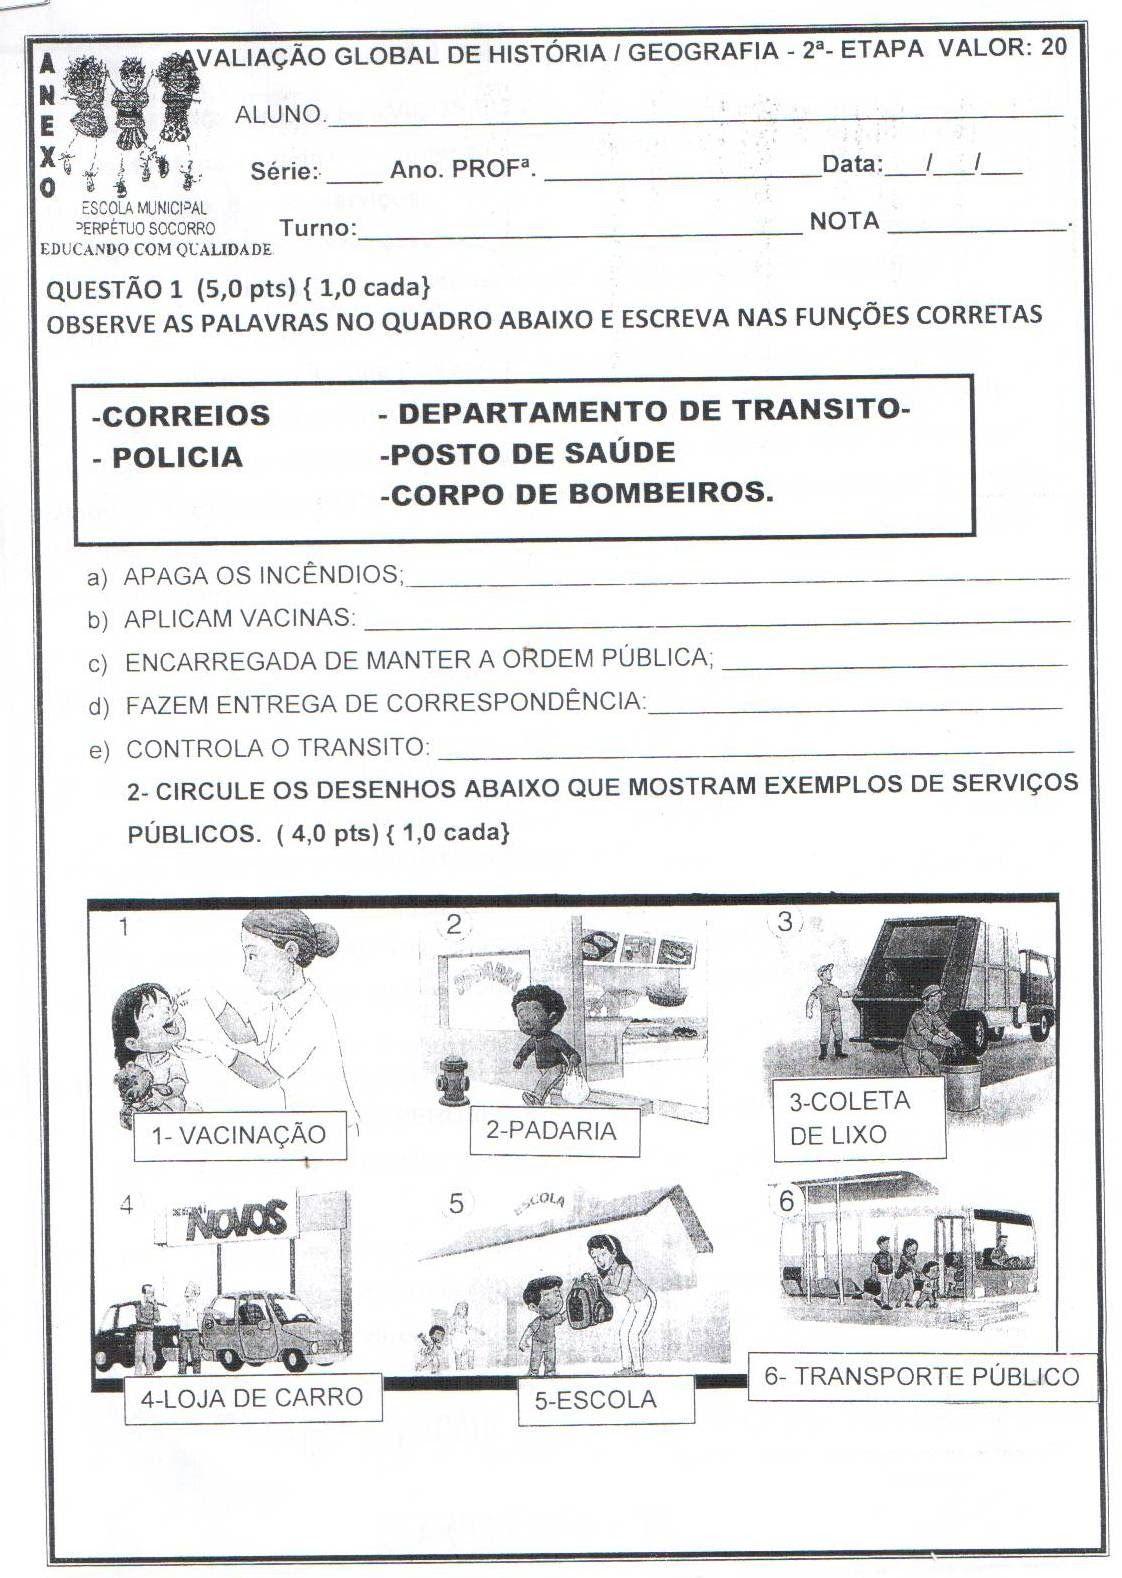 Avaliacao Sobre Servicos Publicos Do Municipio Com Imagens